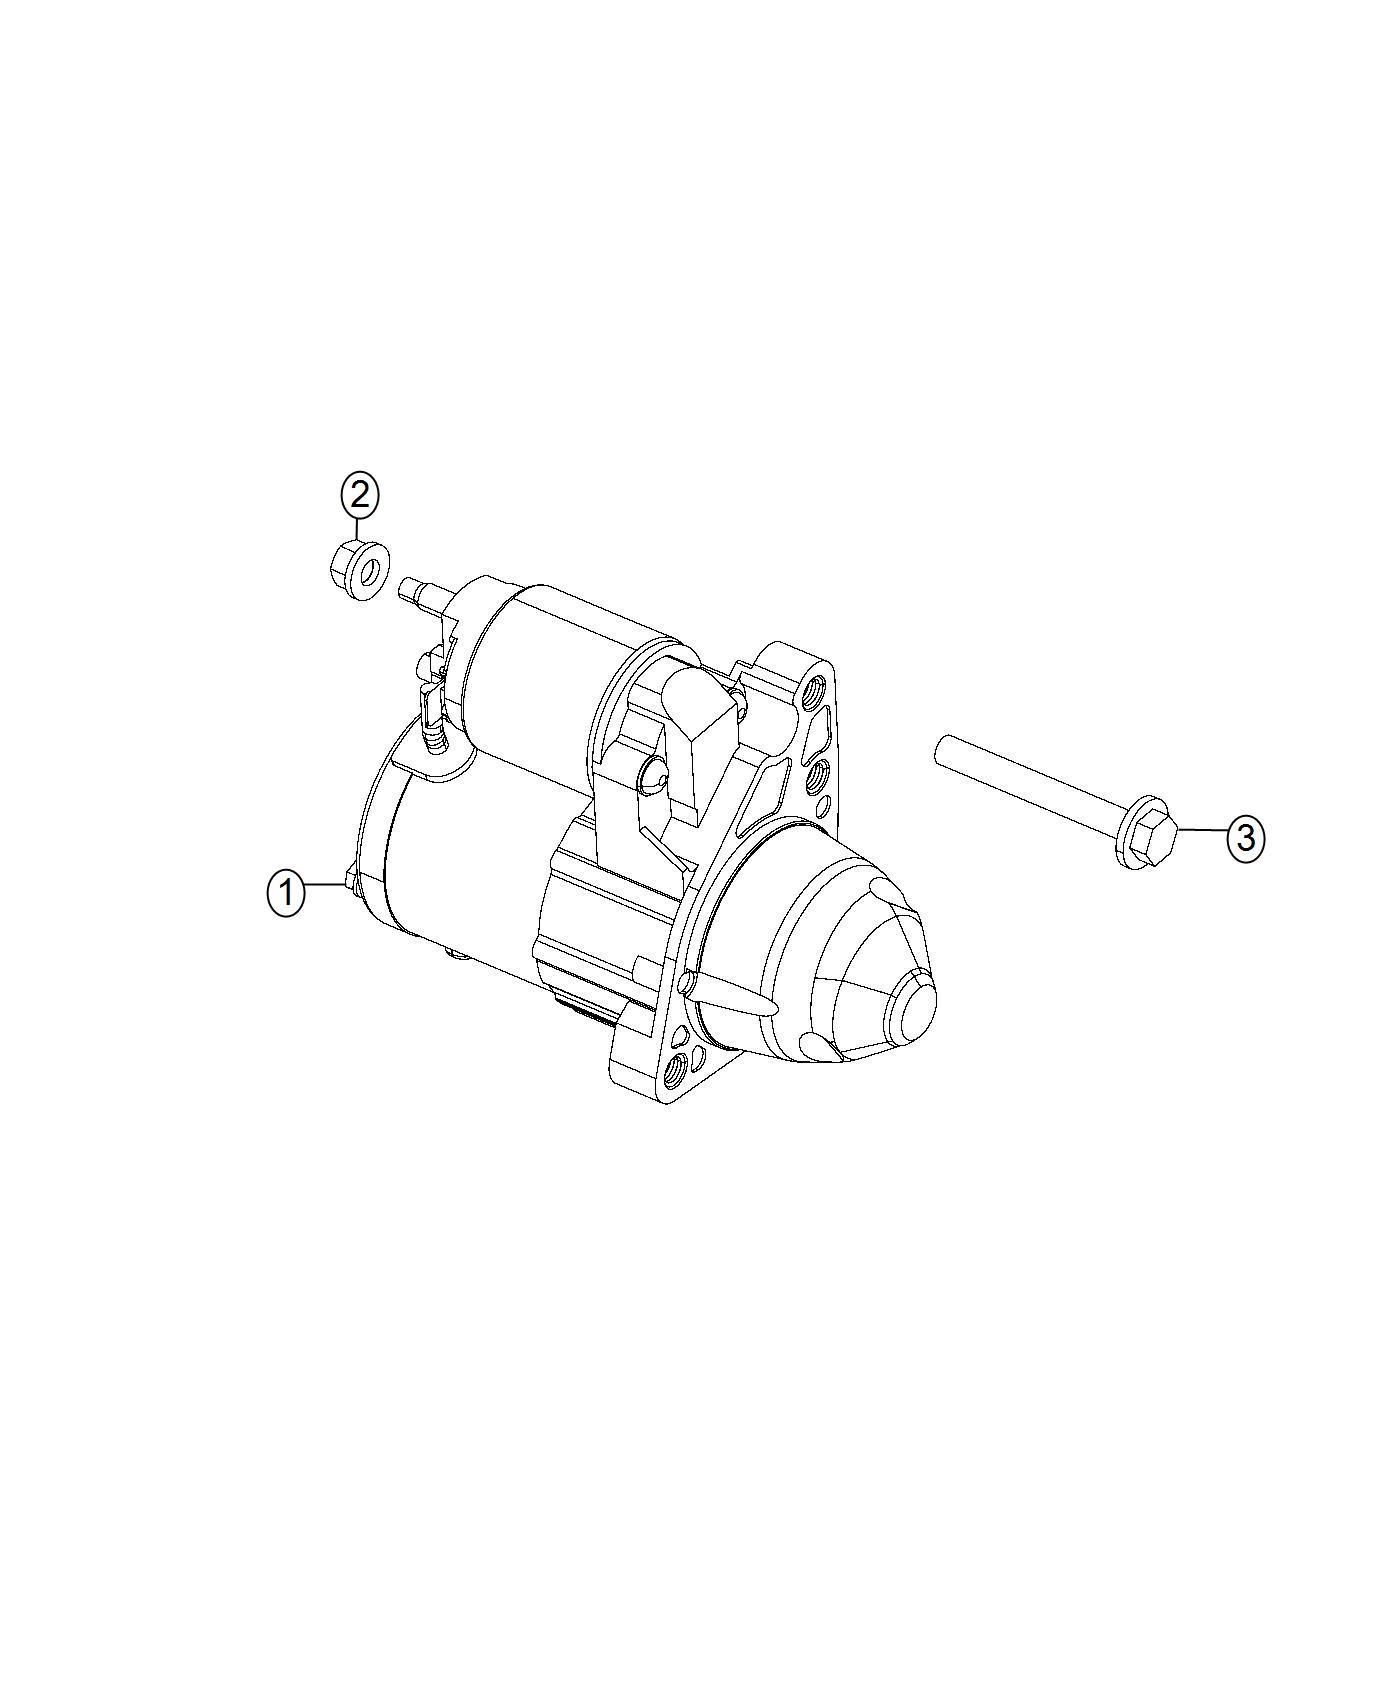 Chrysler 200 Starter Engine New Part For Core